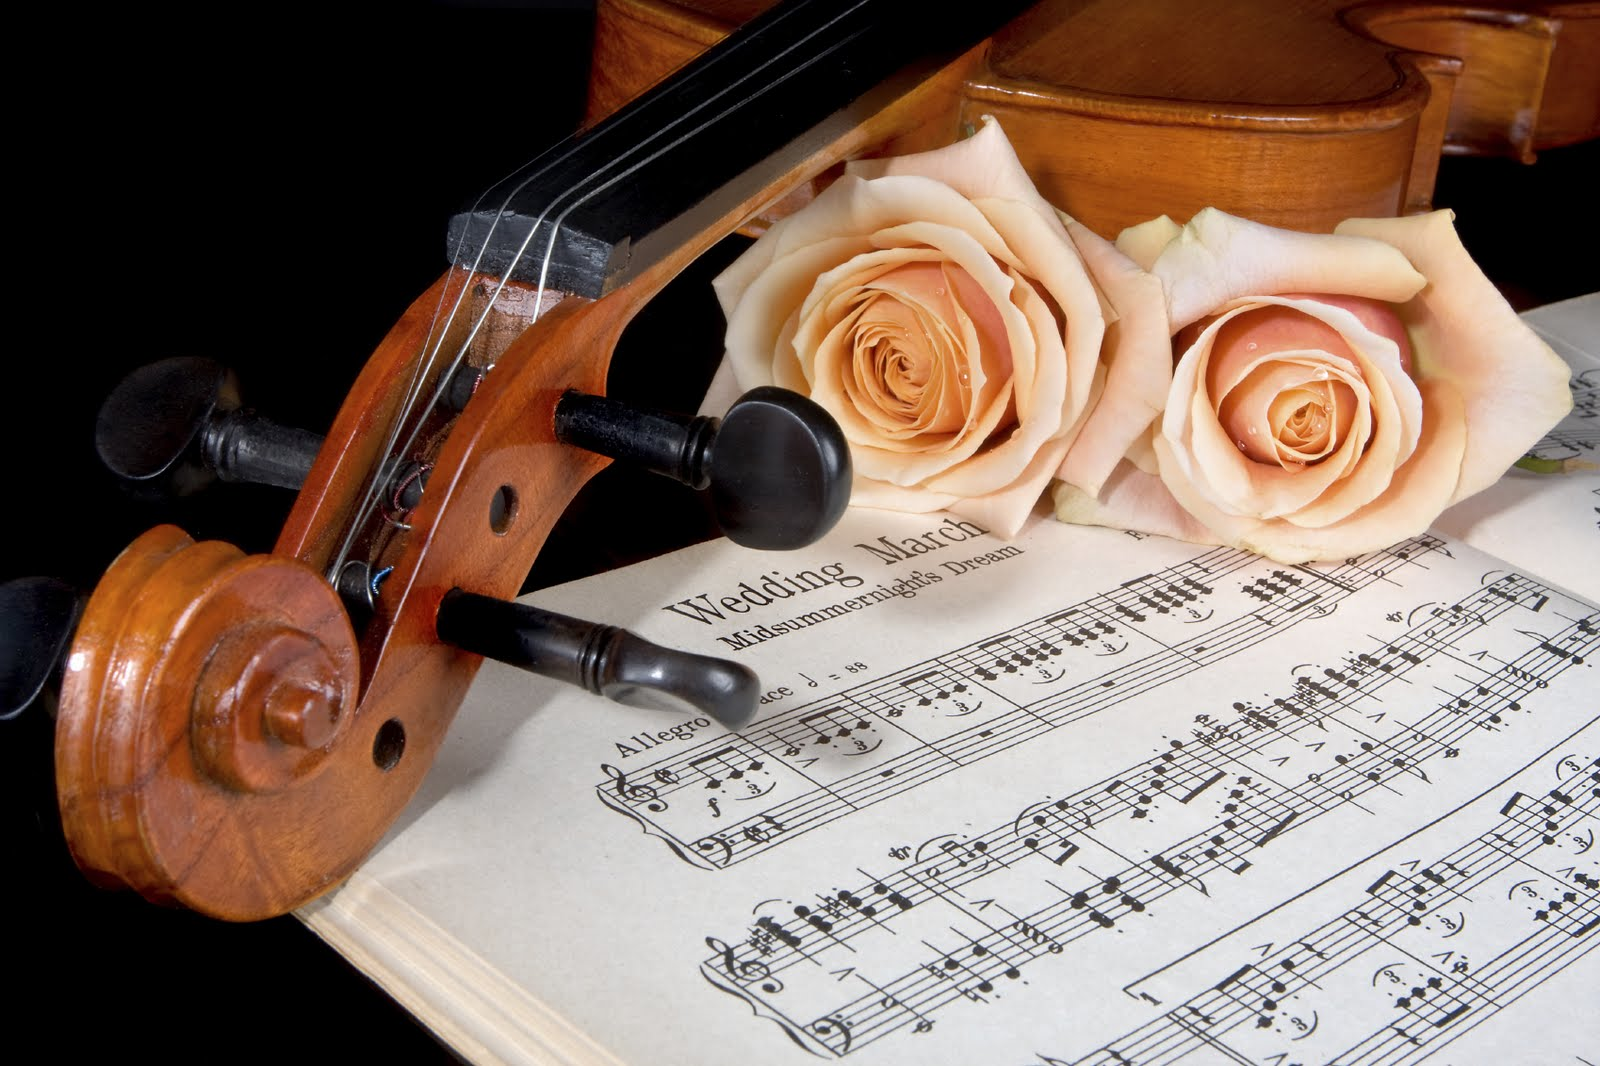 Красивые картинки и музыка к ним, открытка